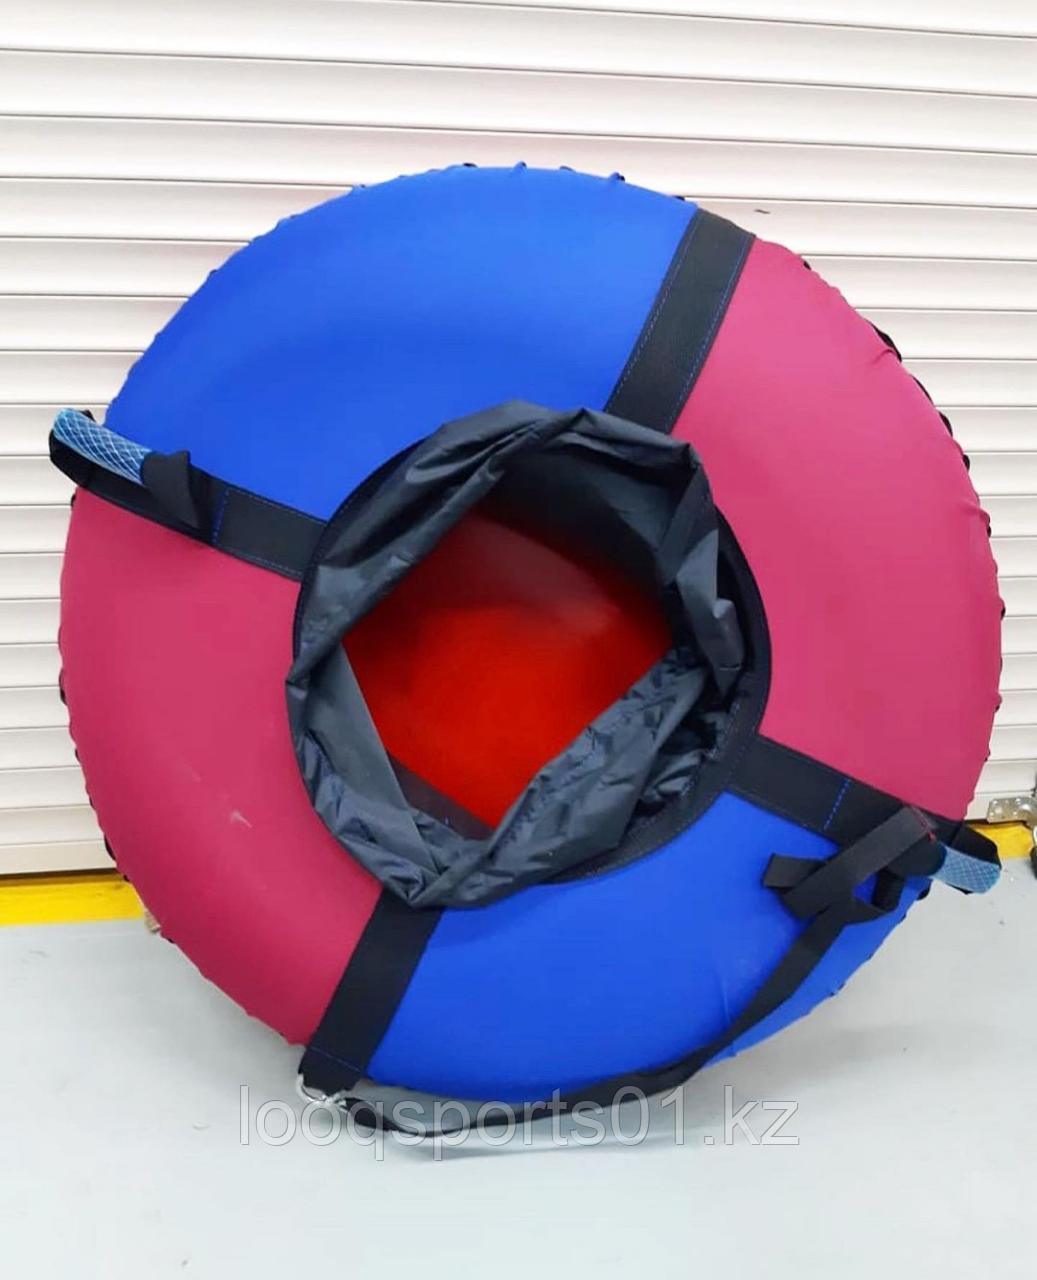 Тюбинг (круг) ватрушка надувной для катания 90 см